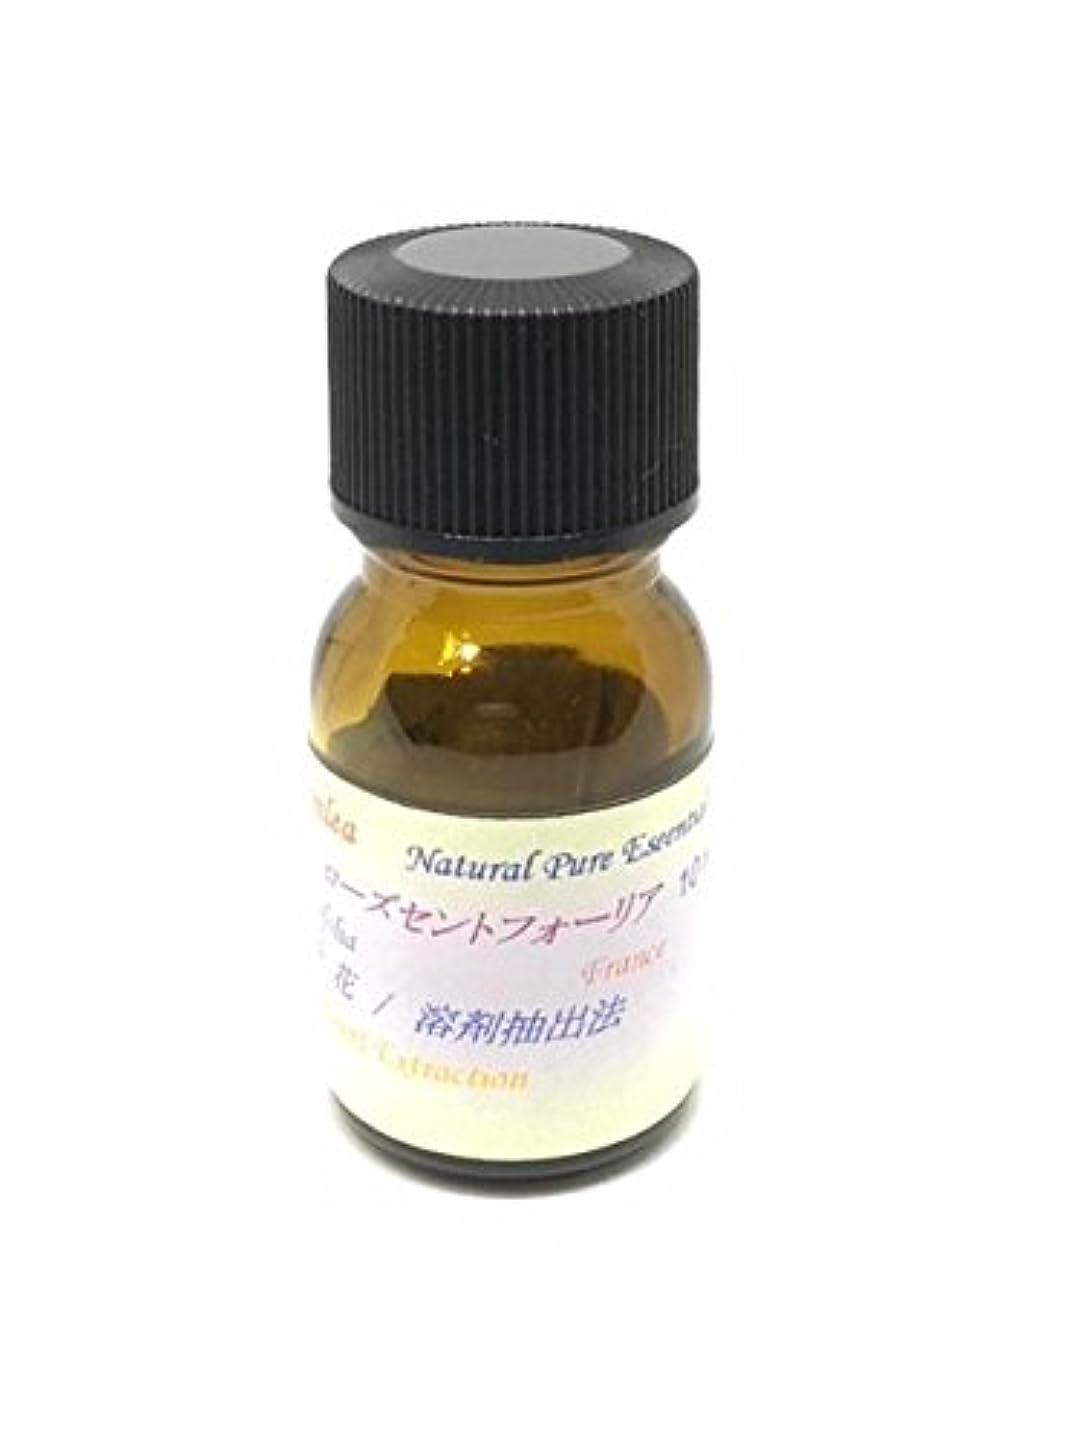 全滅させる電化する層ローズアンフラージュエッセンシャルオイル油脂吸着法 高級精 (15ml)